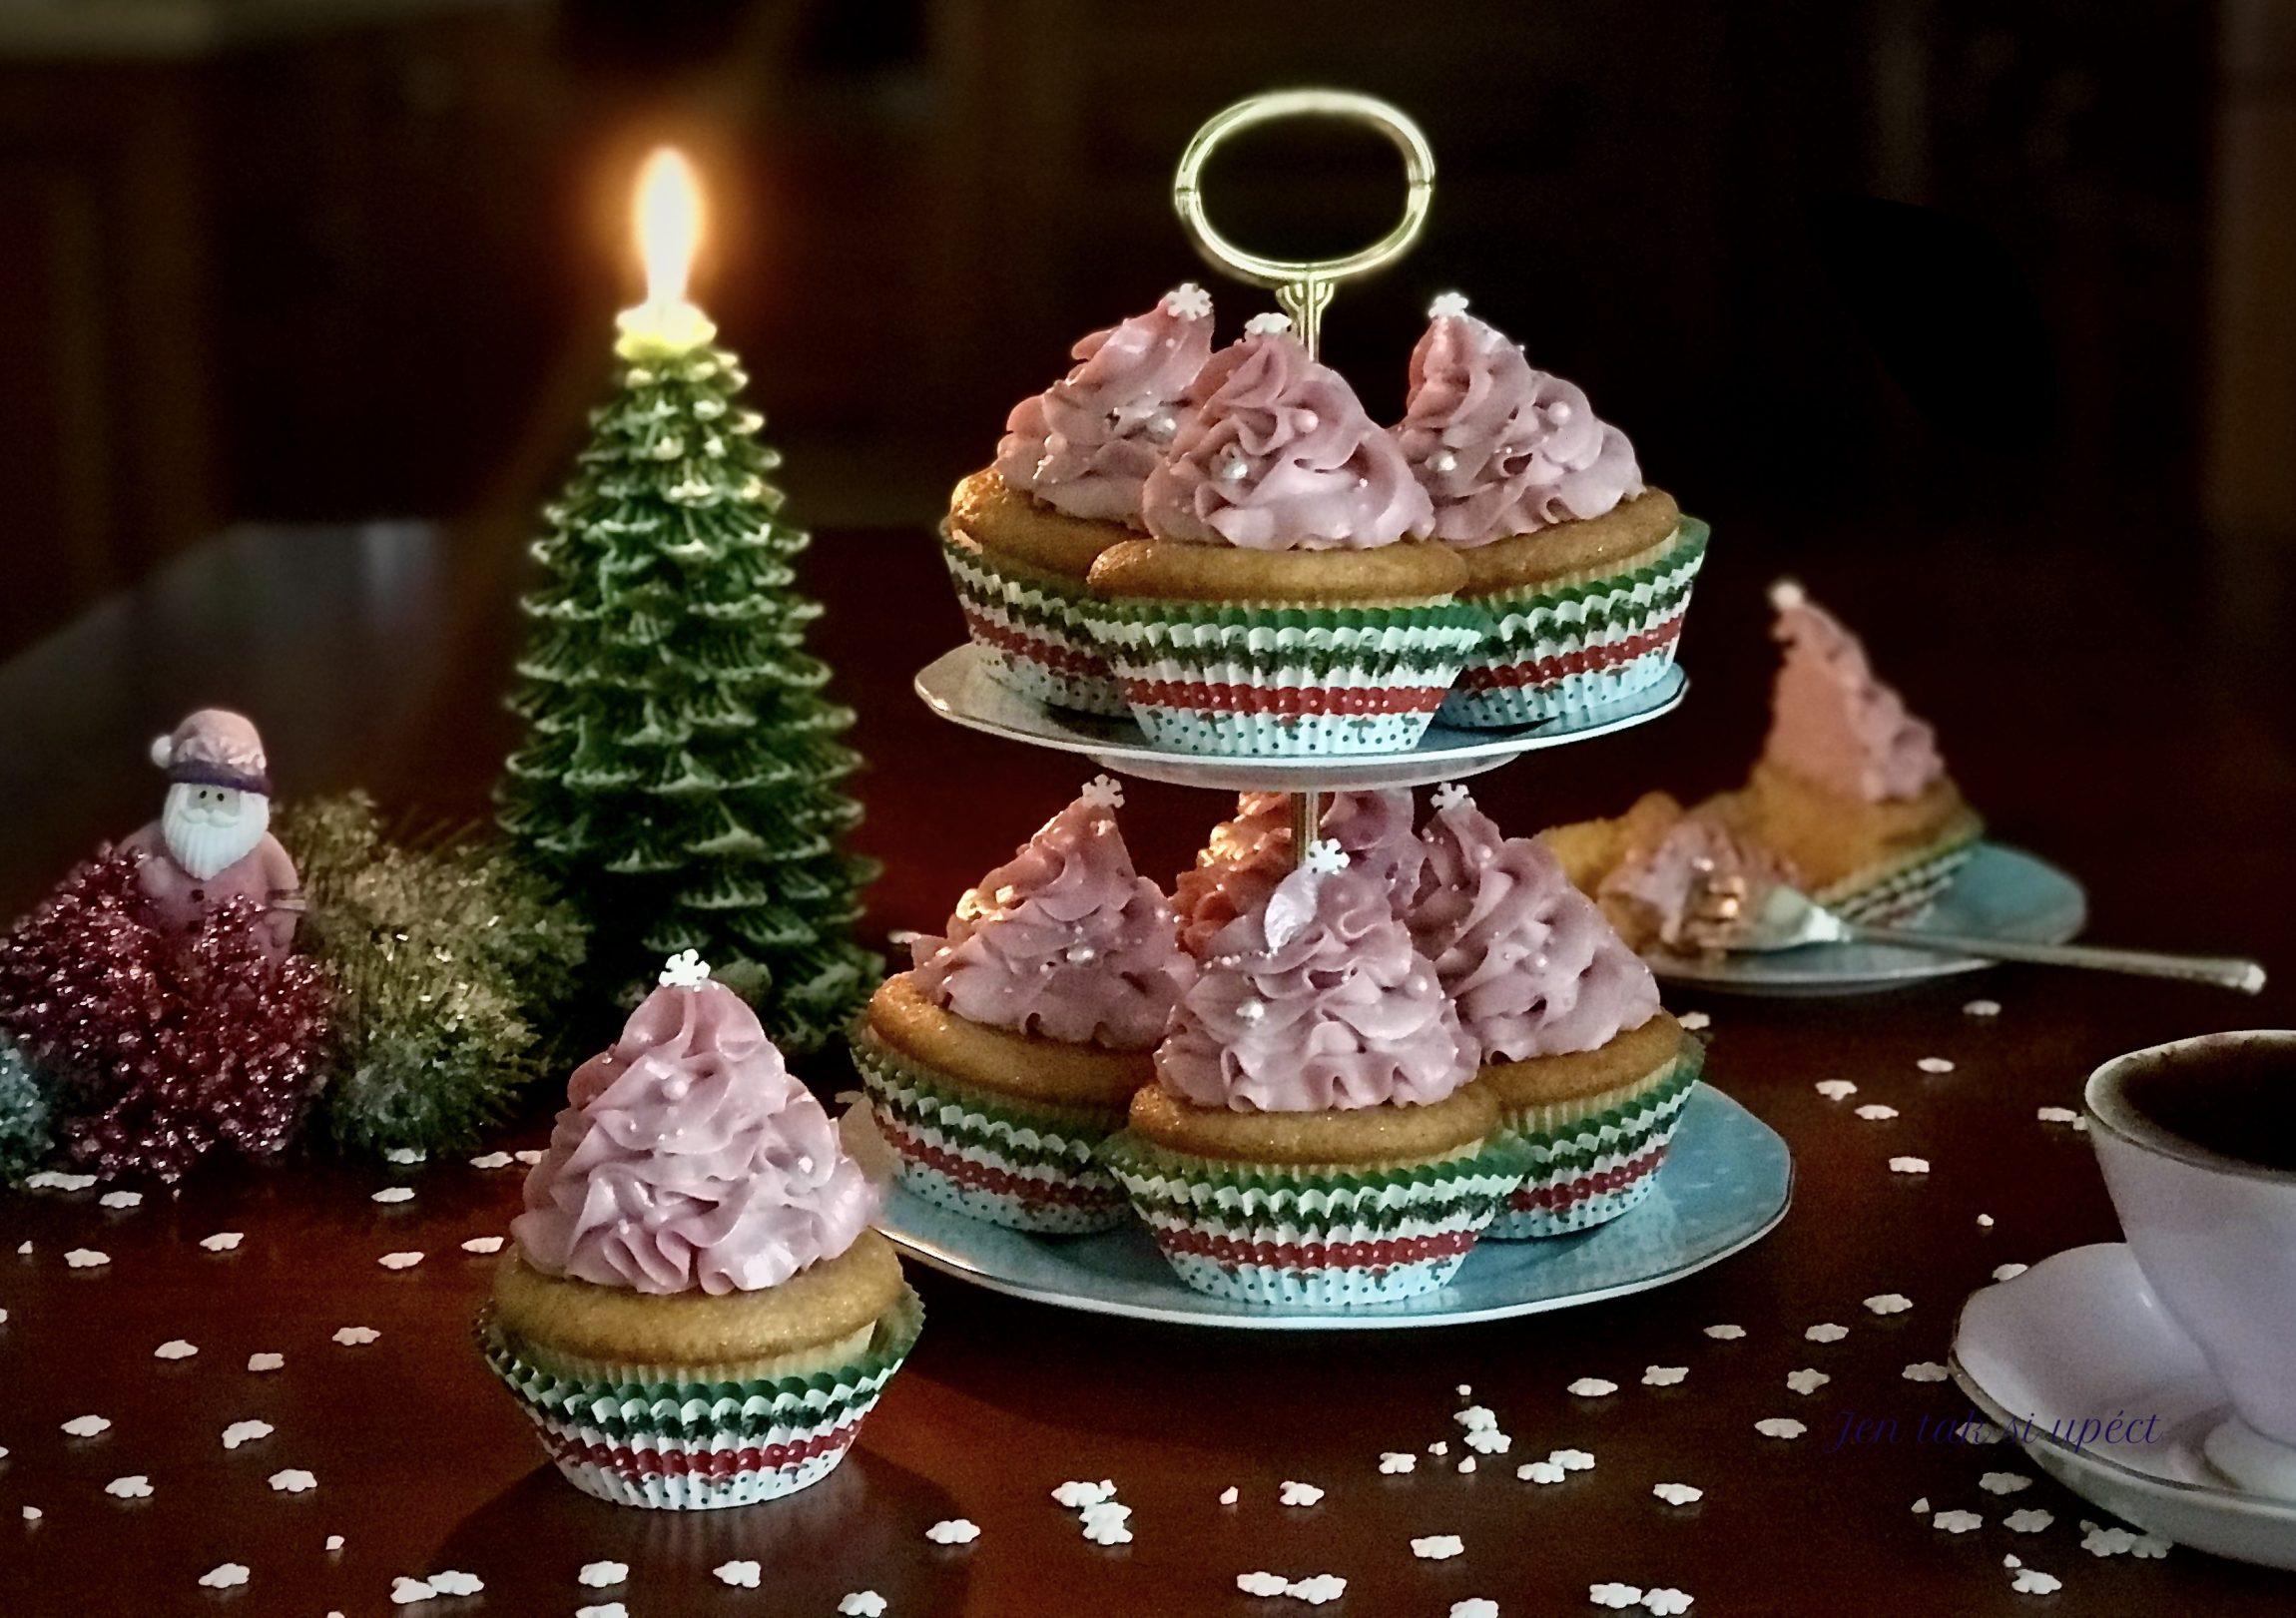 Vánoční cupcakes s malinovým krémem závěr 2